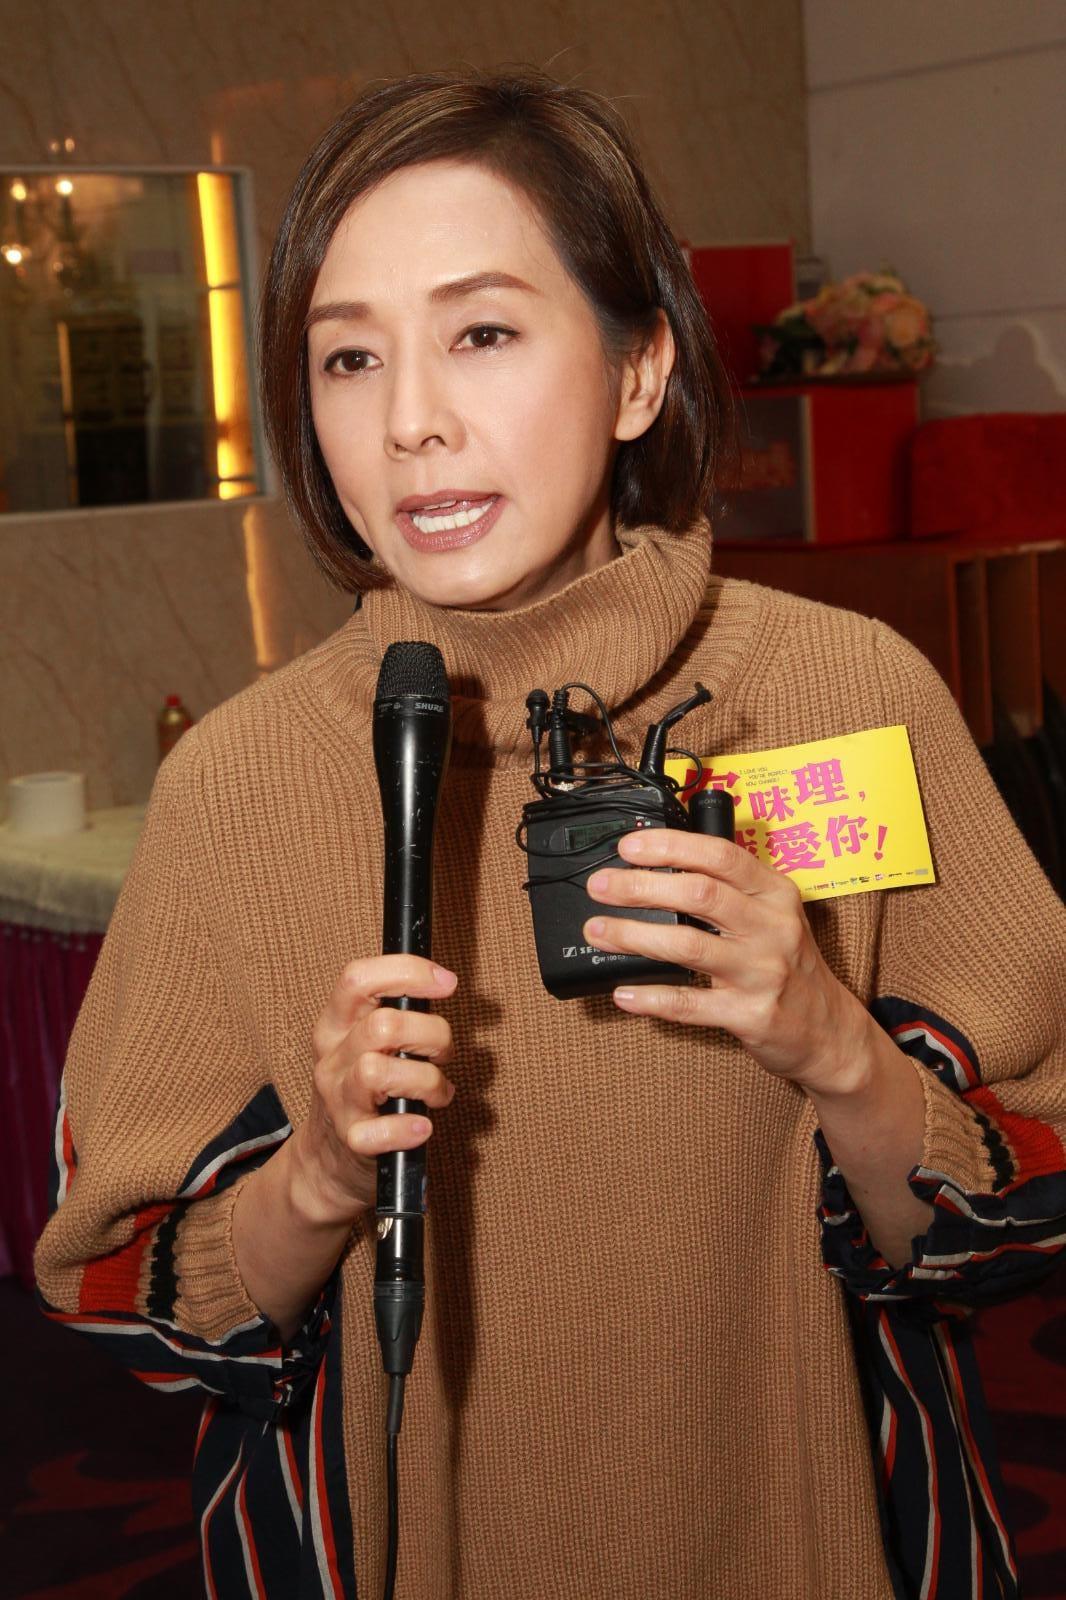 毛姐透露新年一家人去日本旅行。